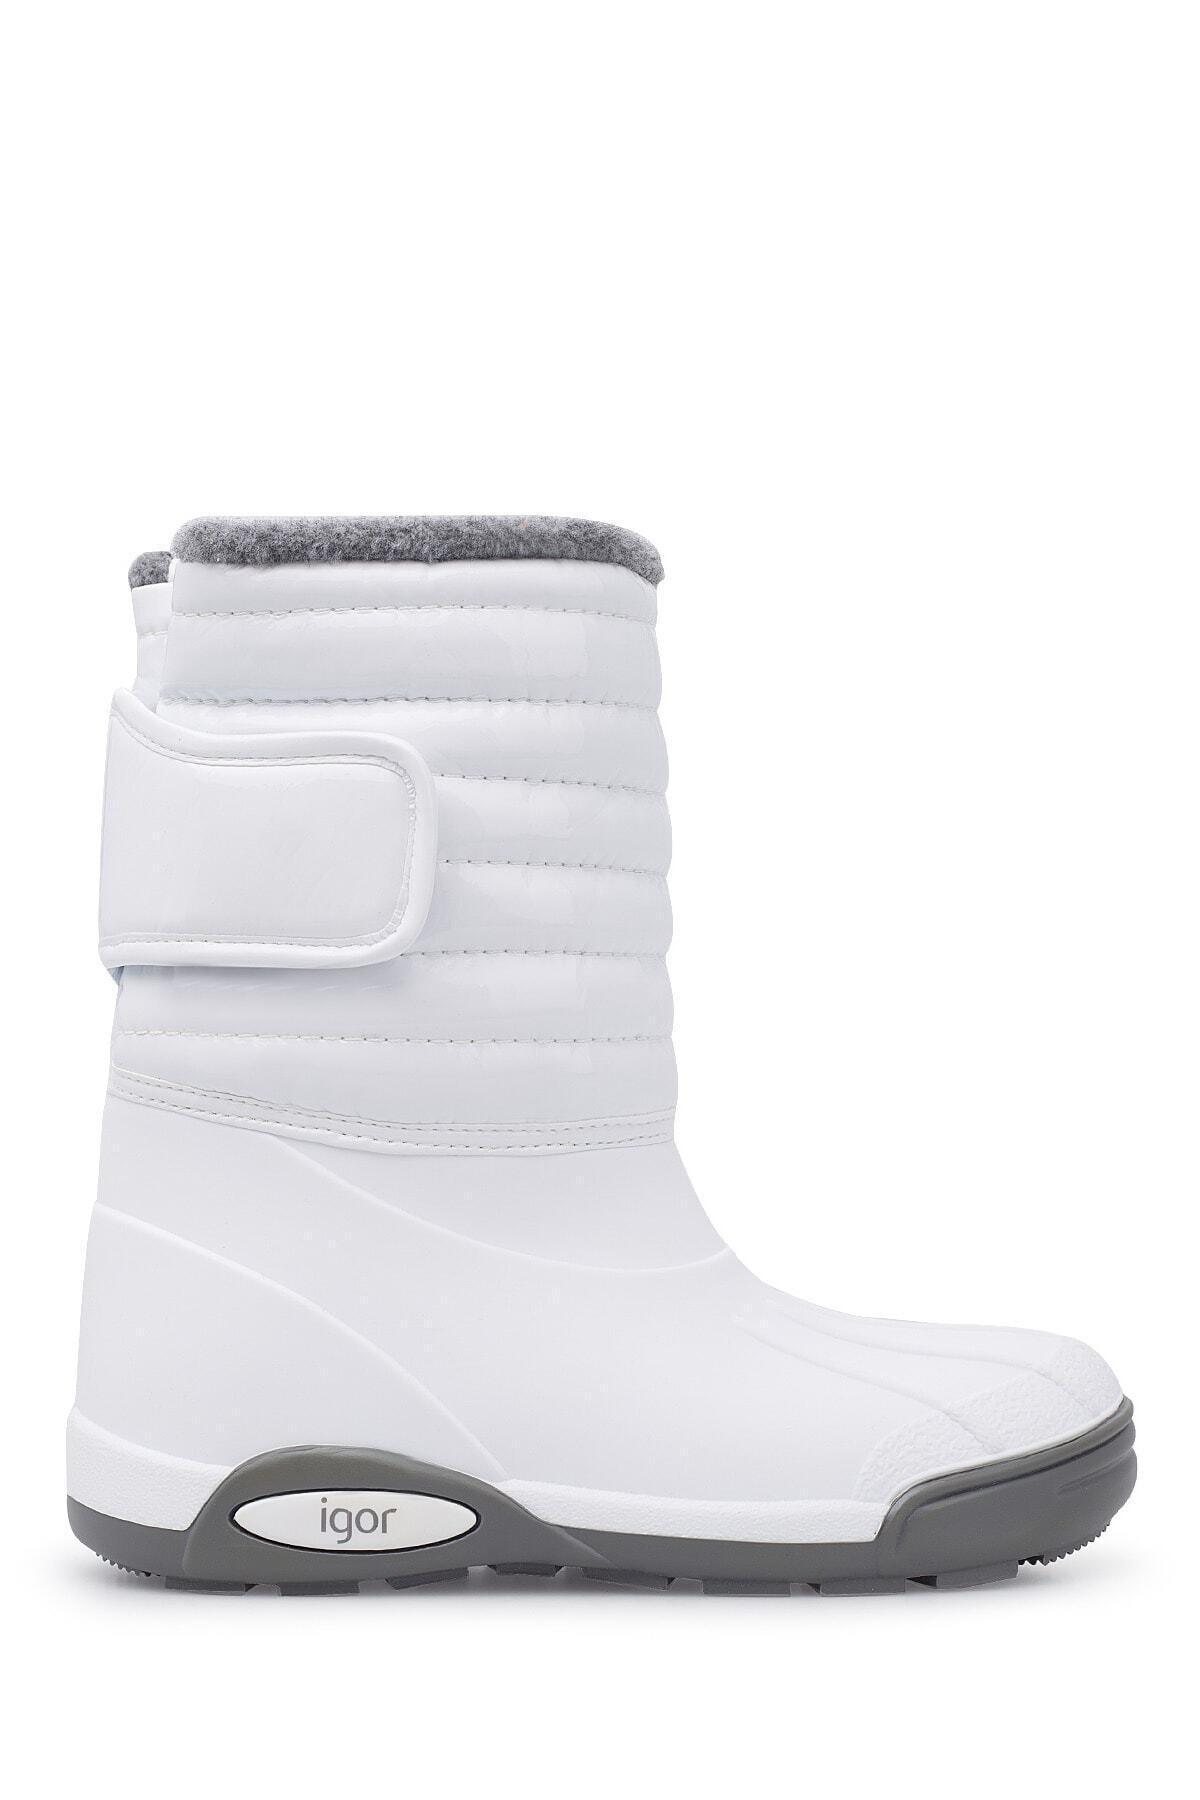 IGOR W10168-001 Beyaz Unisex Çocuk Yağmur Çizmesi 100318354 1